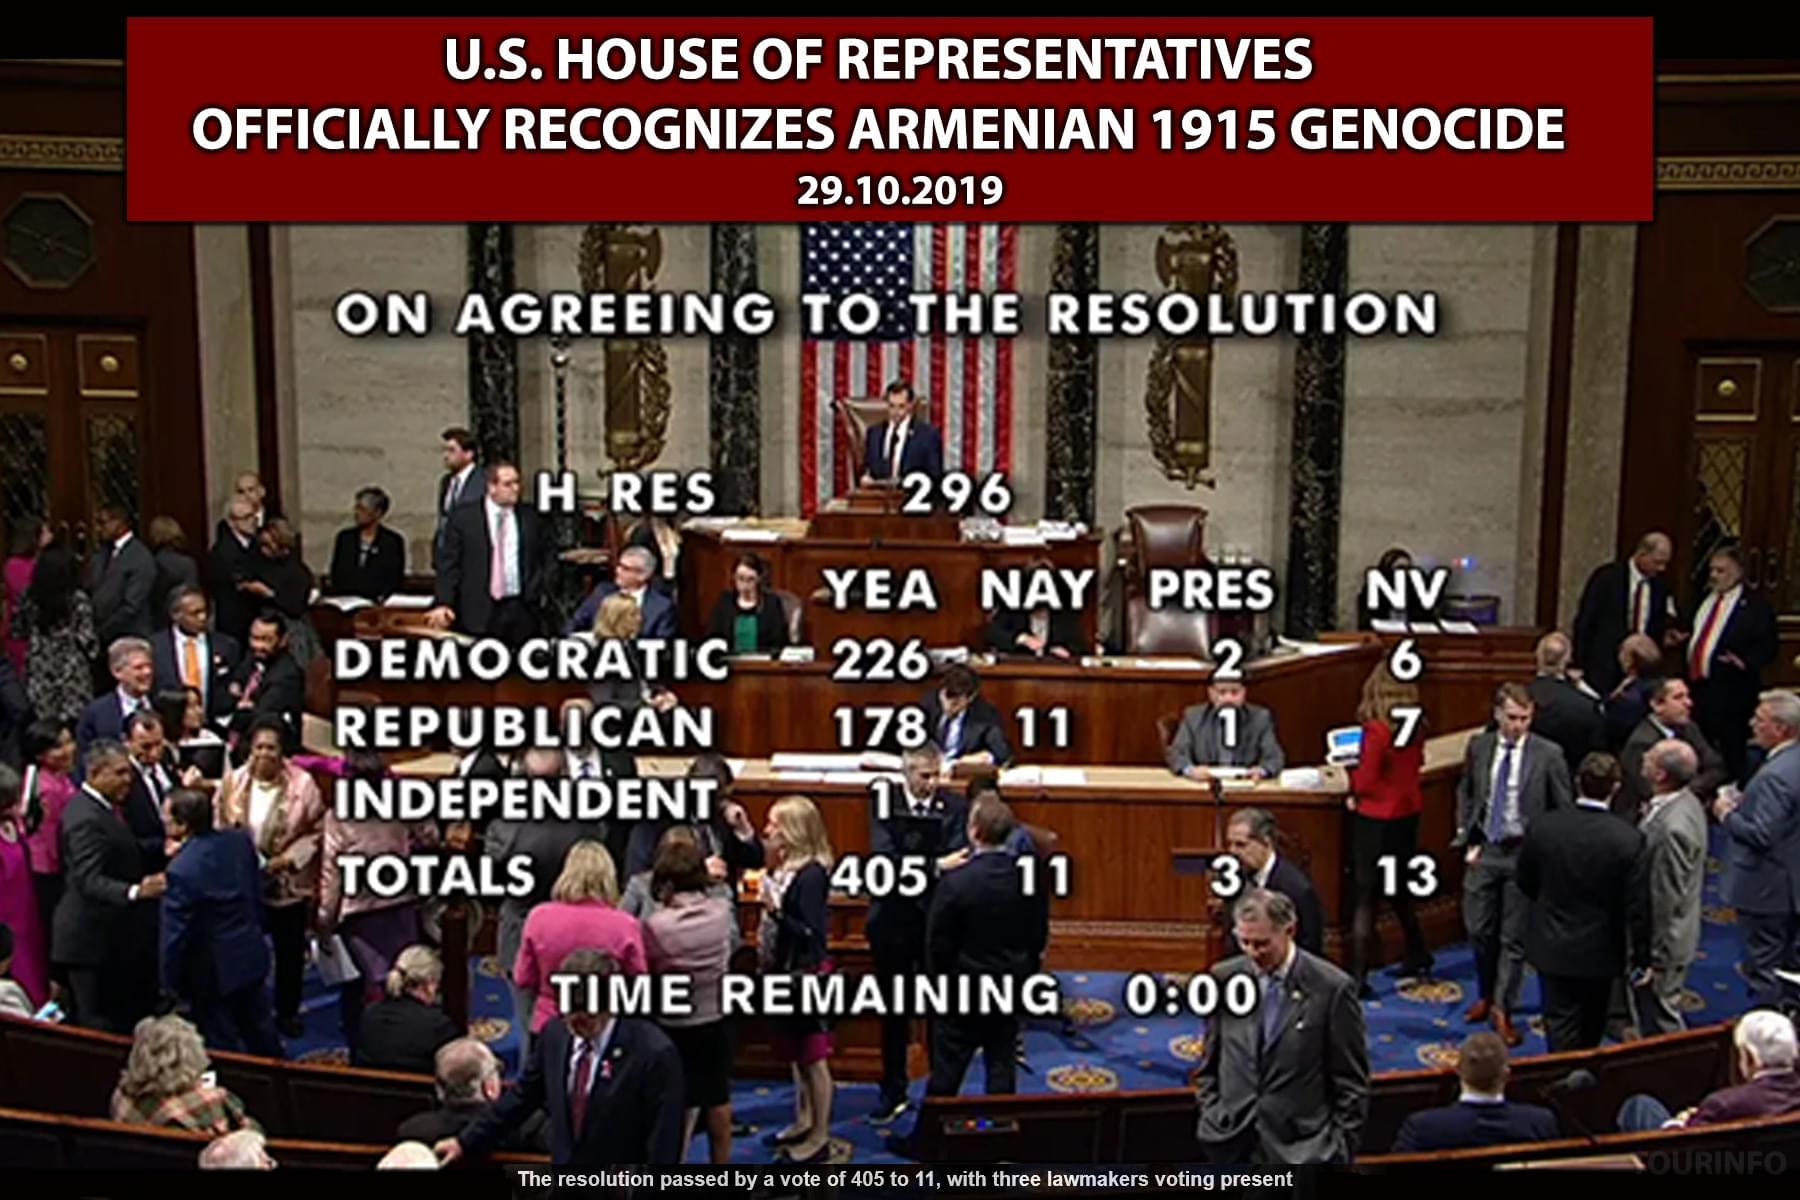 usa-house-of-representatives-recognize-armenian-genocide